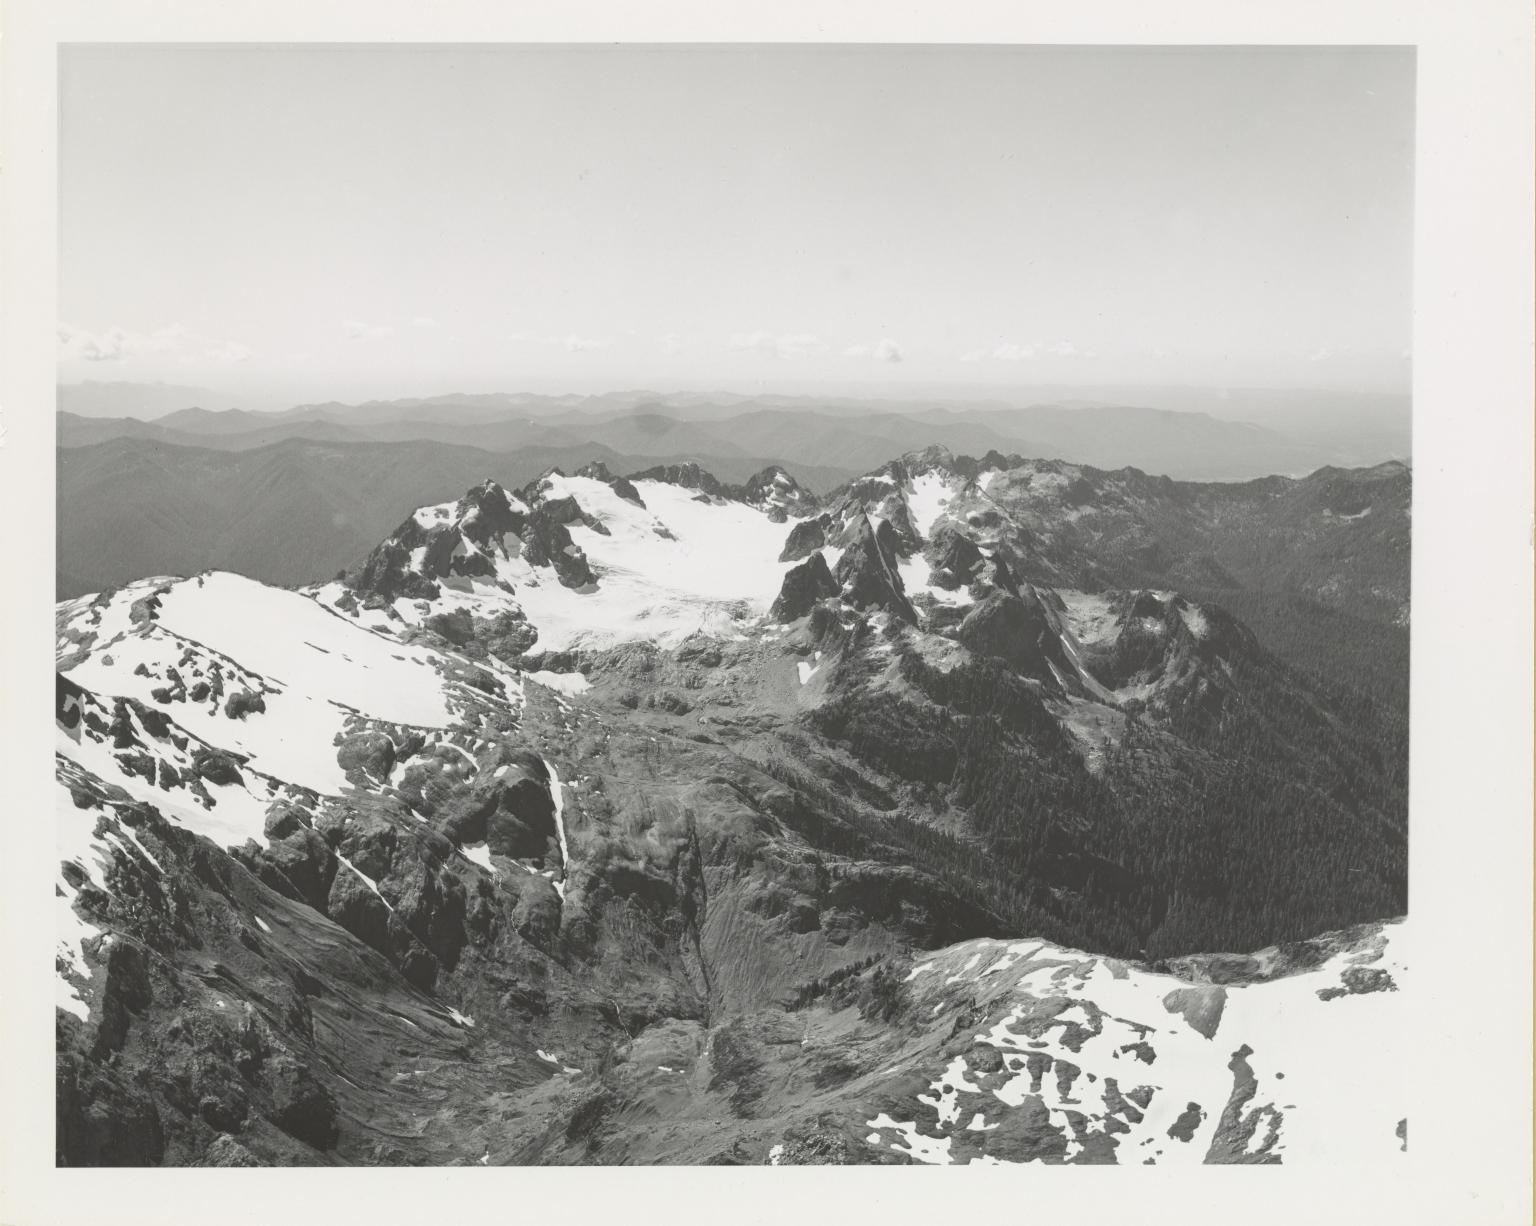 Queets Glacier, Washington